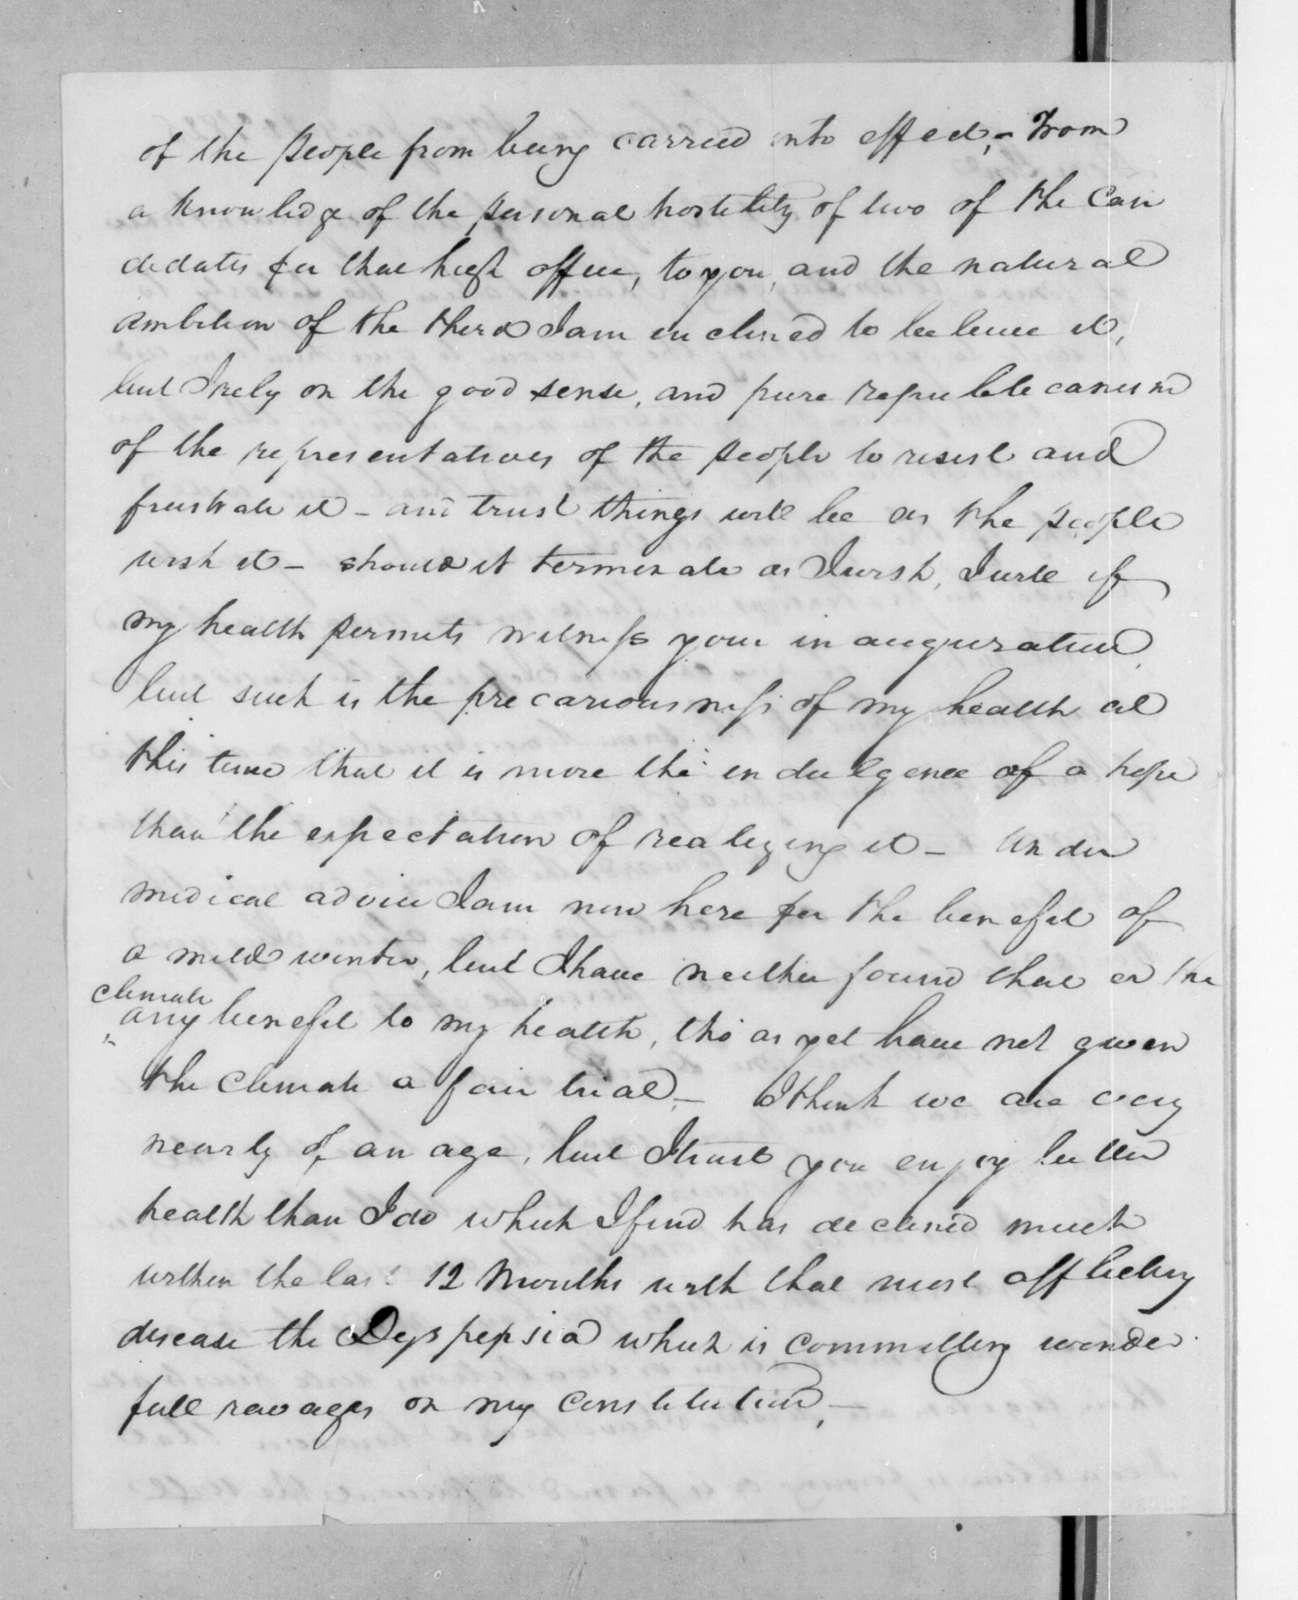 Francis Preston to Andrew Jackson, January 22, 1825